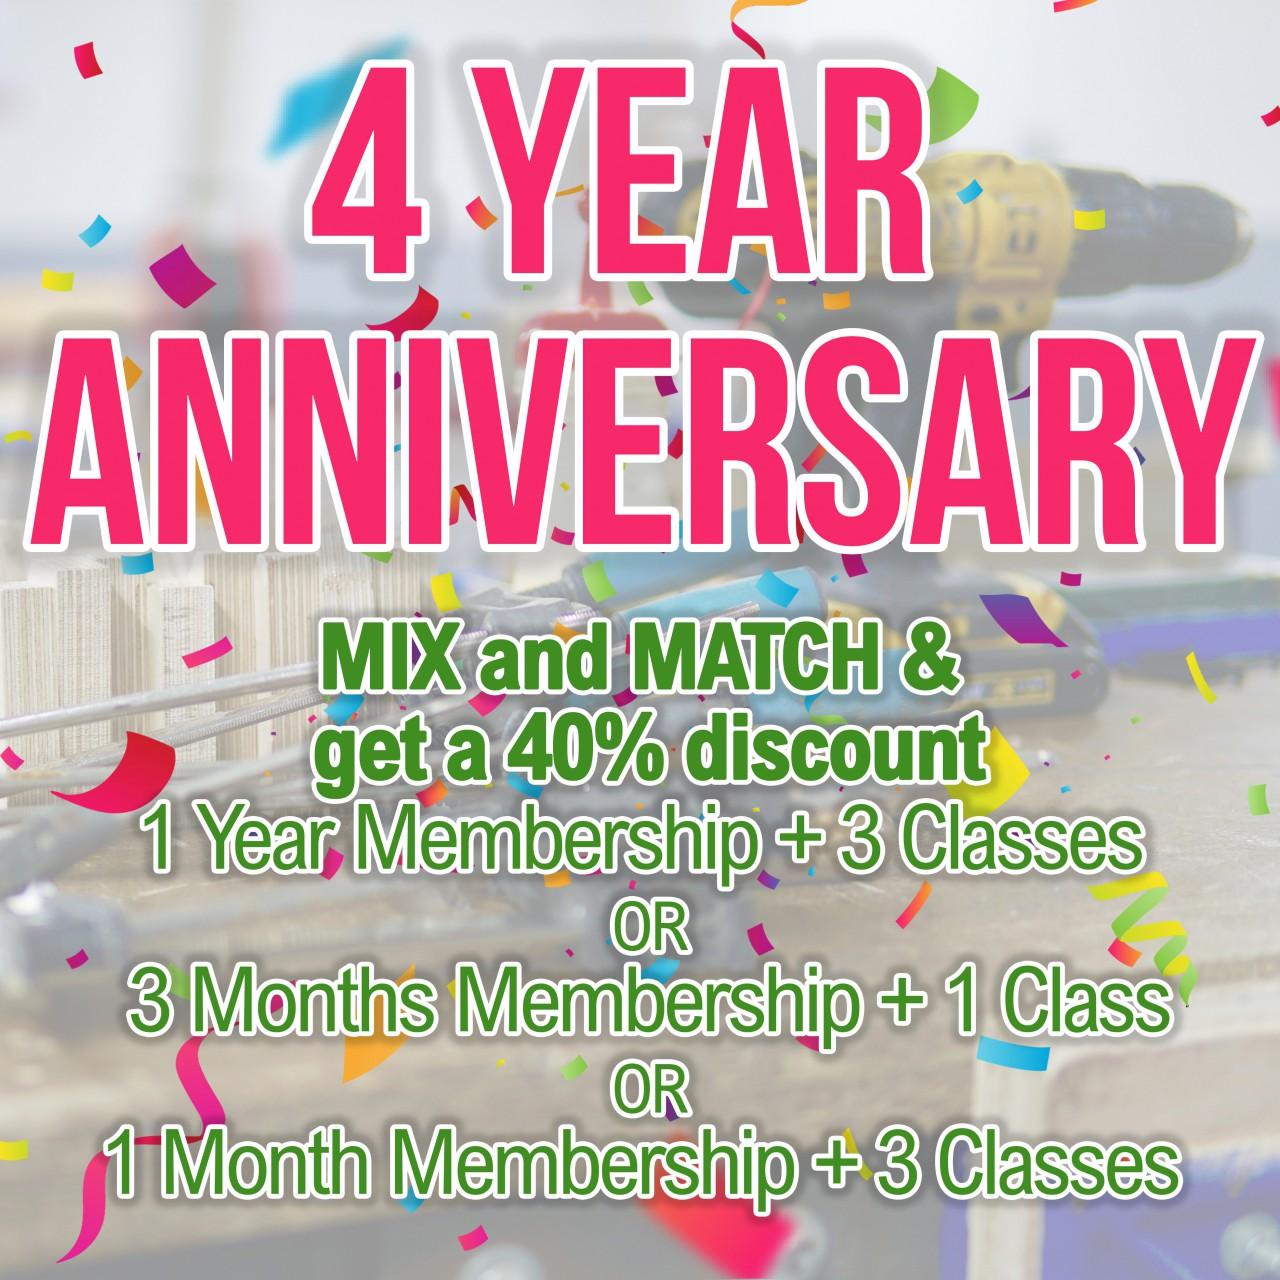 4-year Anniversary.jpg